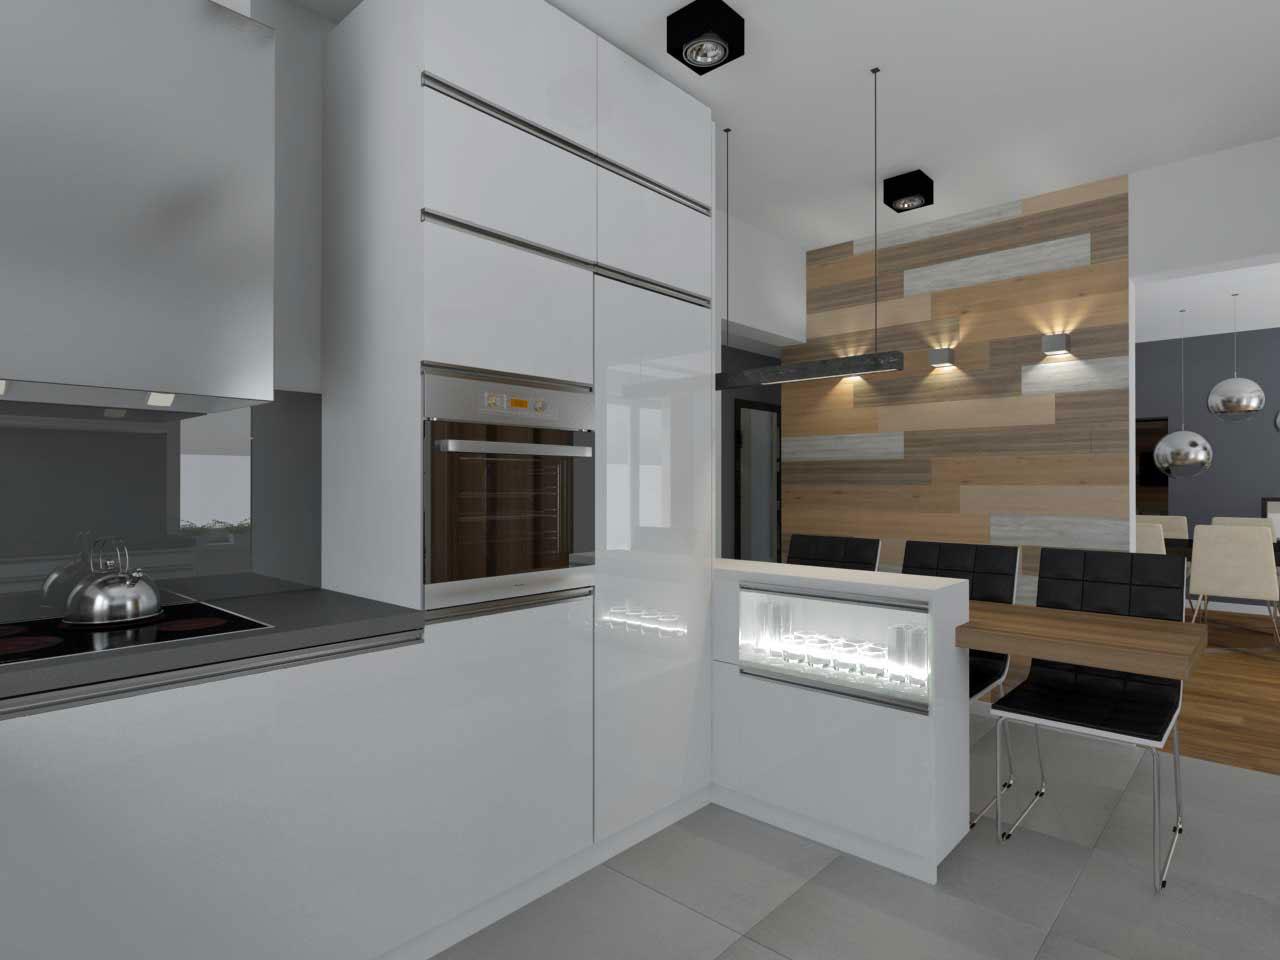 Kuchnia zbudowana w szarości oraz bieli  Mobiliani Bydgoszcz -> Kuchnia W Bloku W Bieli